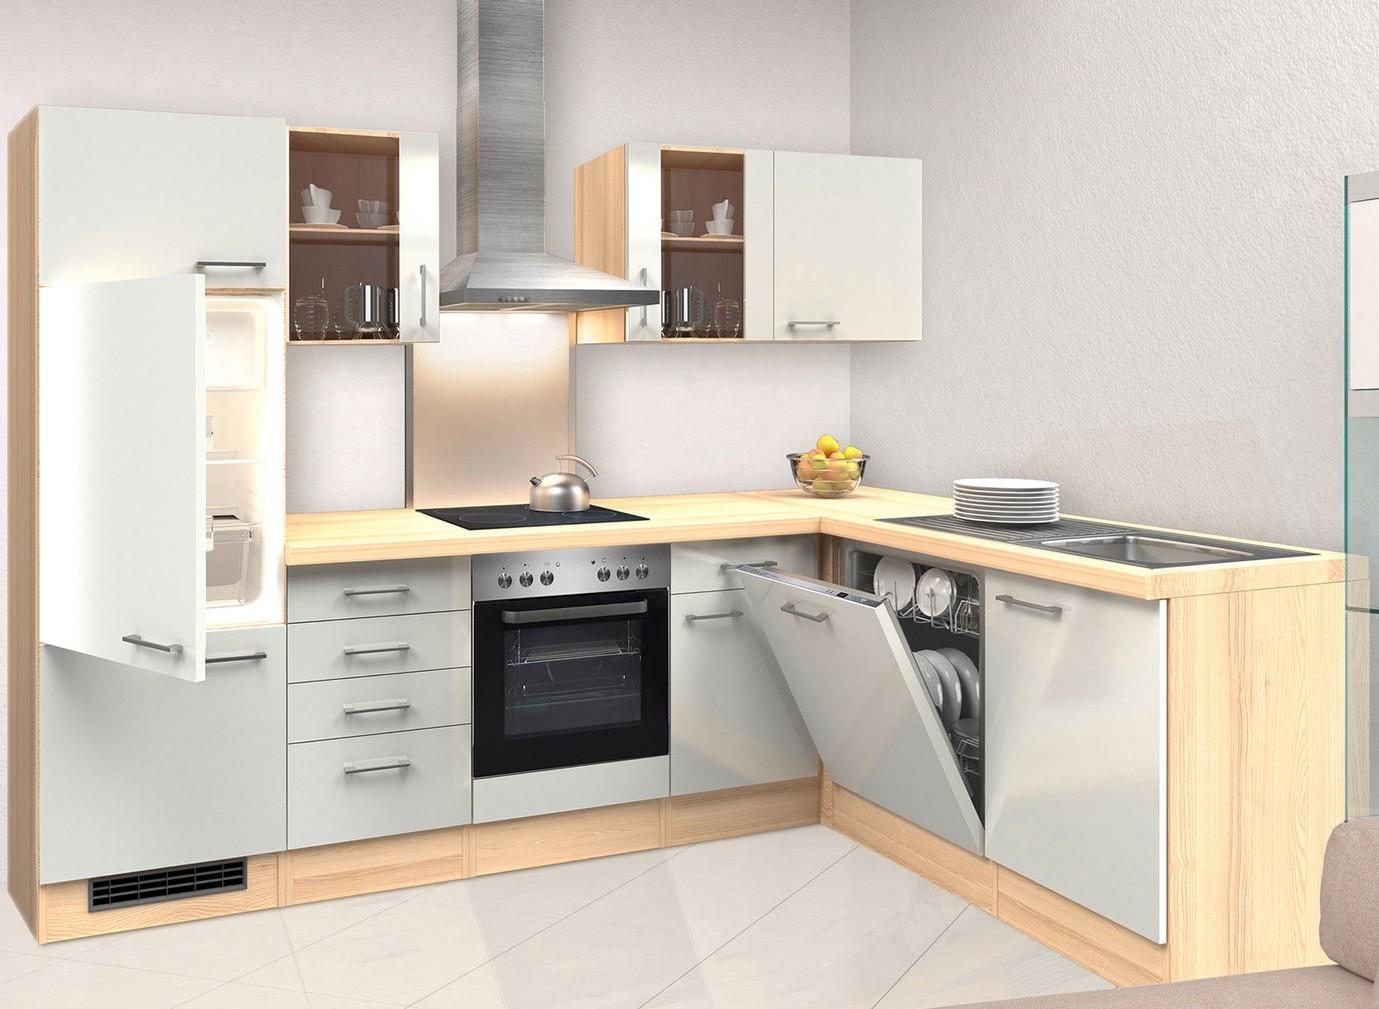 eck unterschrank florenz k chen eckschrank k chenschrank 1 t r 110 cm weiss ebay. Black Bedroom Furniture Sets. Home Design Ideas